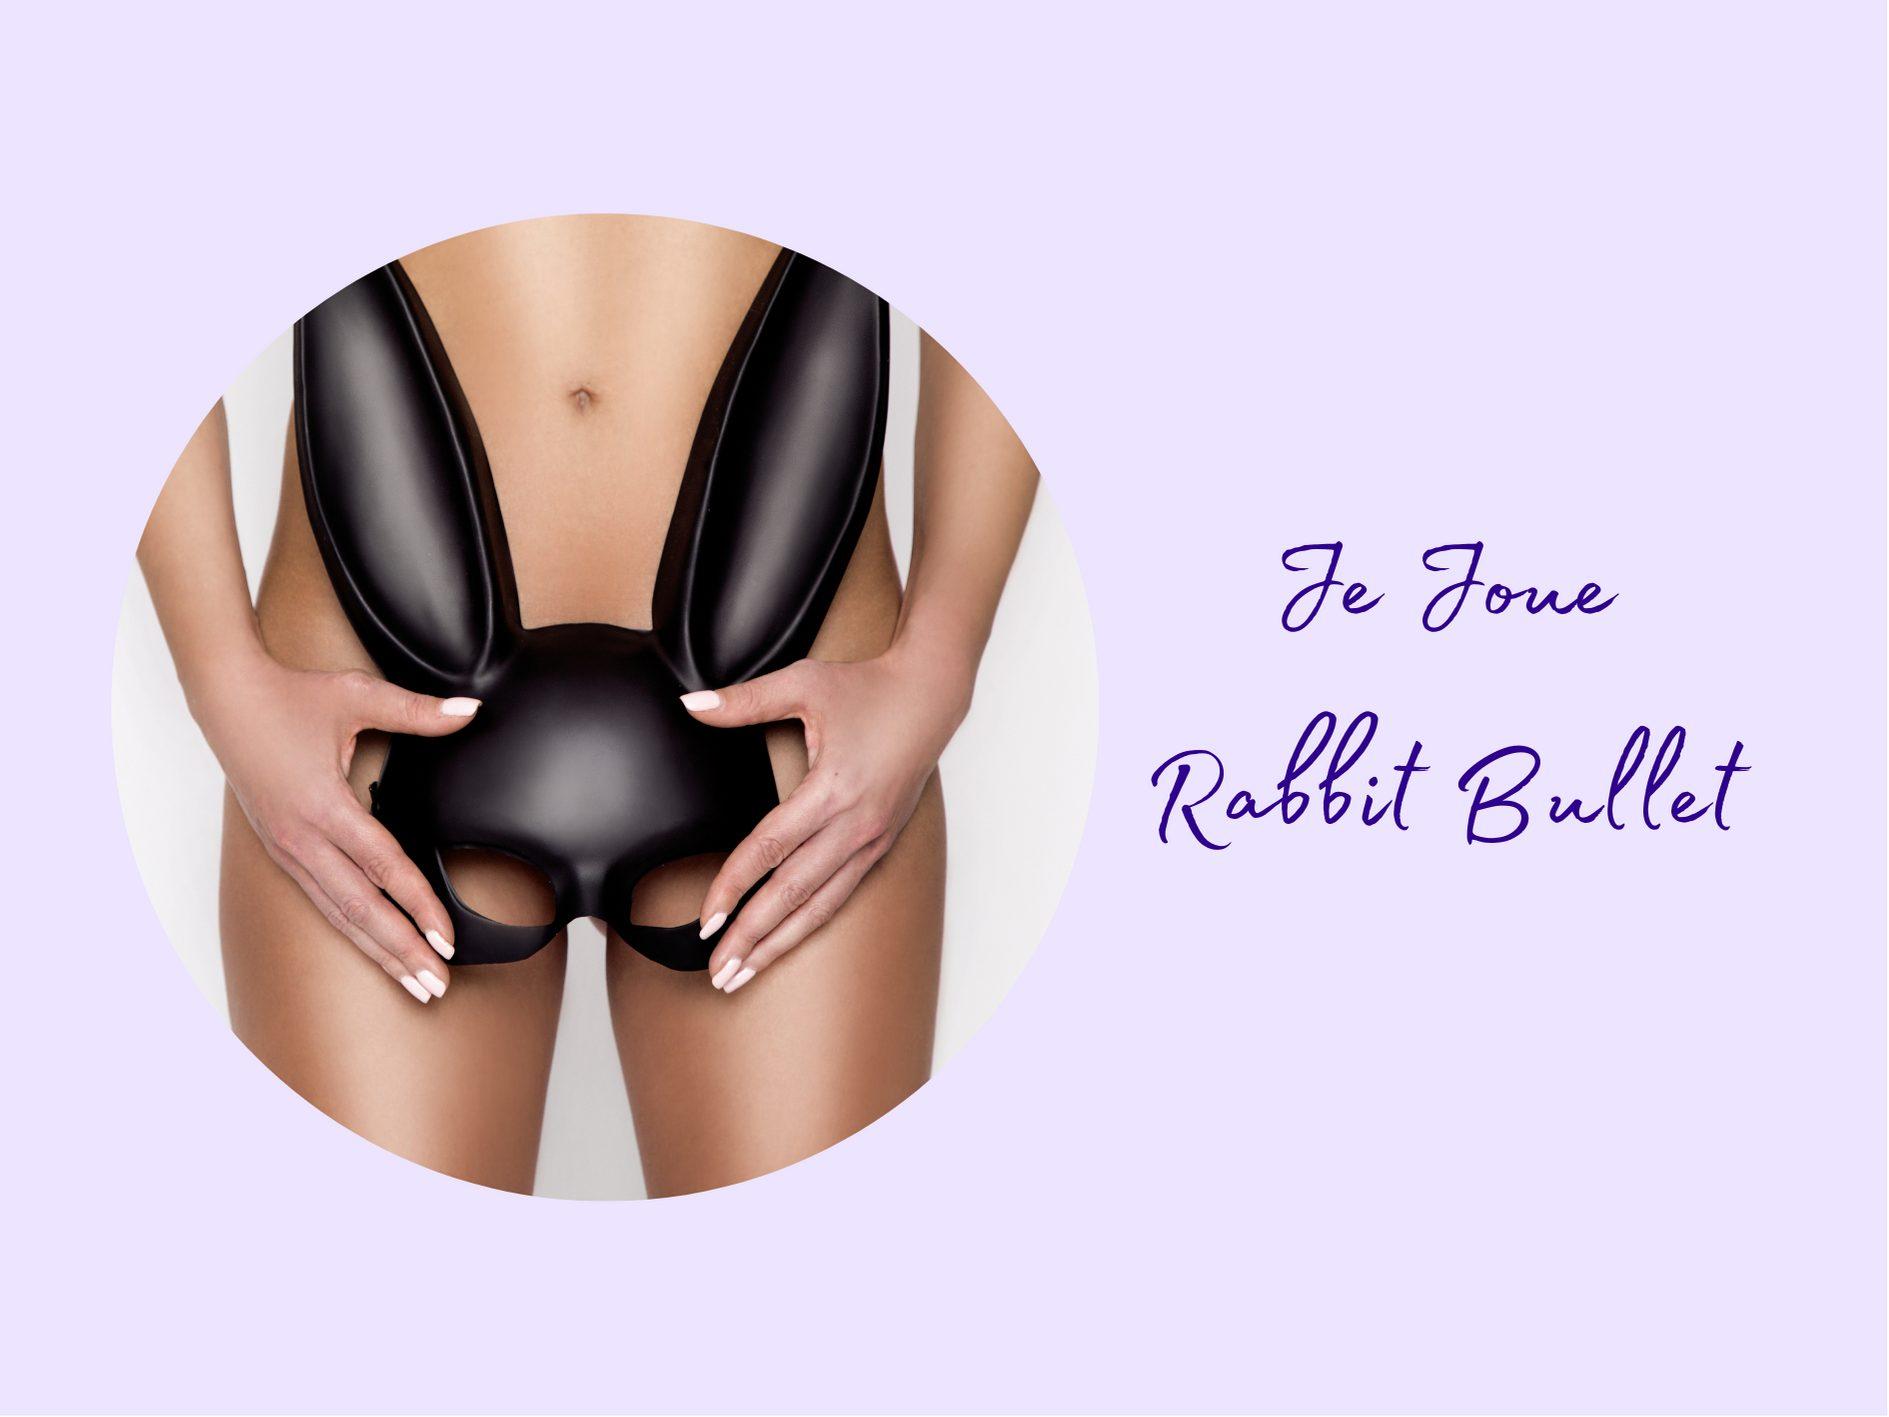 [Toy Review] Je Joue Rabbit Bullet